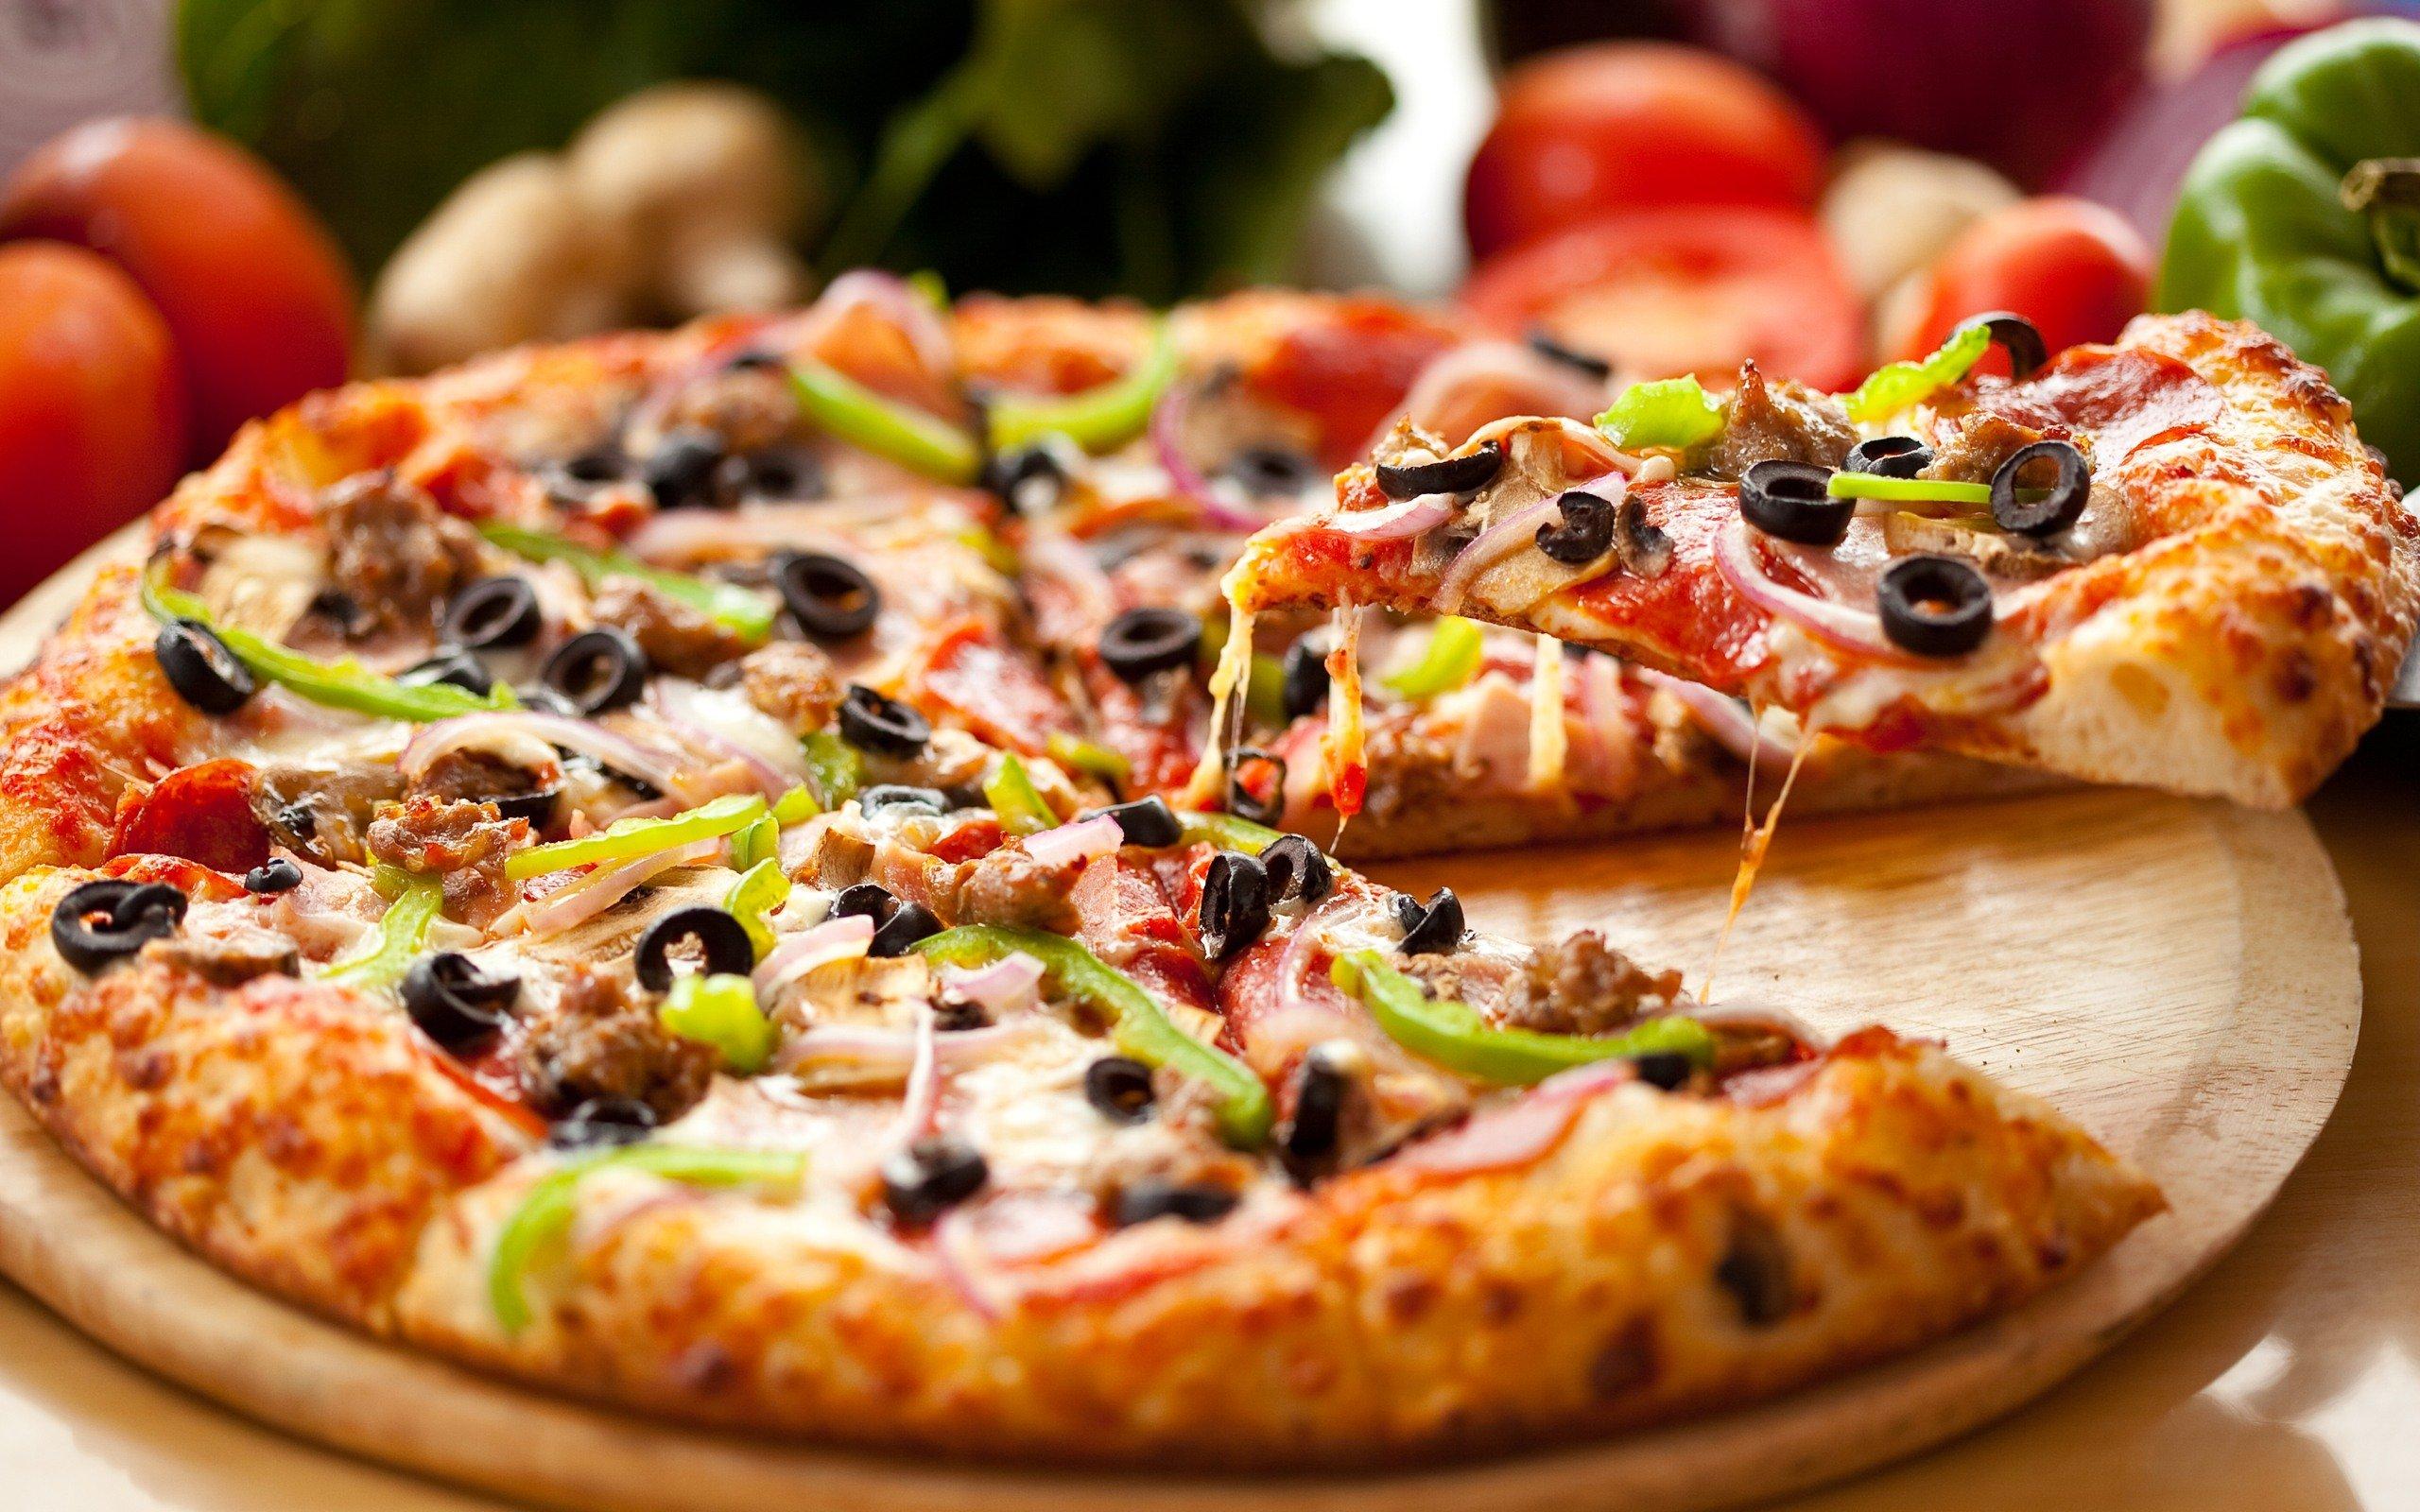 بالصور صور بيتزا , اشكال مختلفة في البيتزا 5351 11